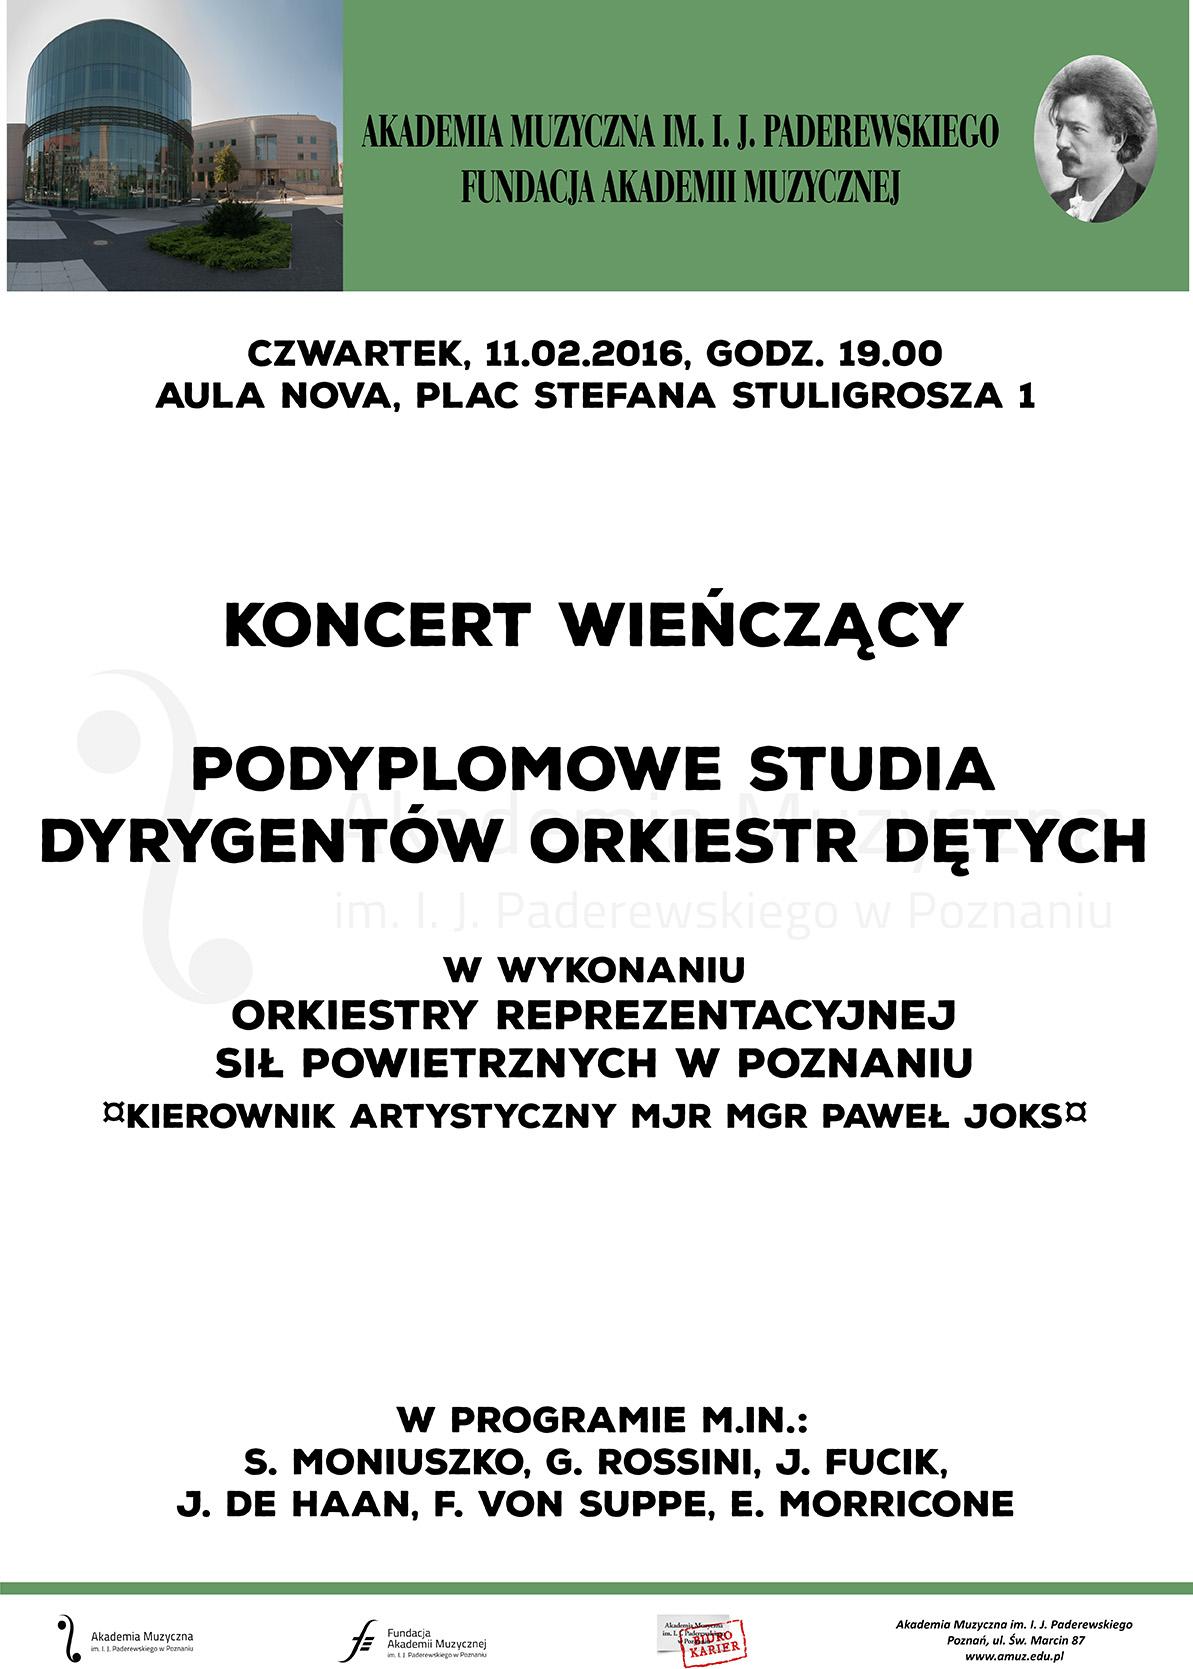 11.02.2016 orkiestra dęta szablon